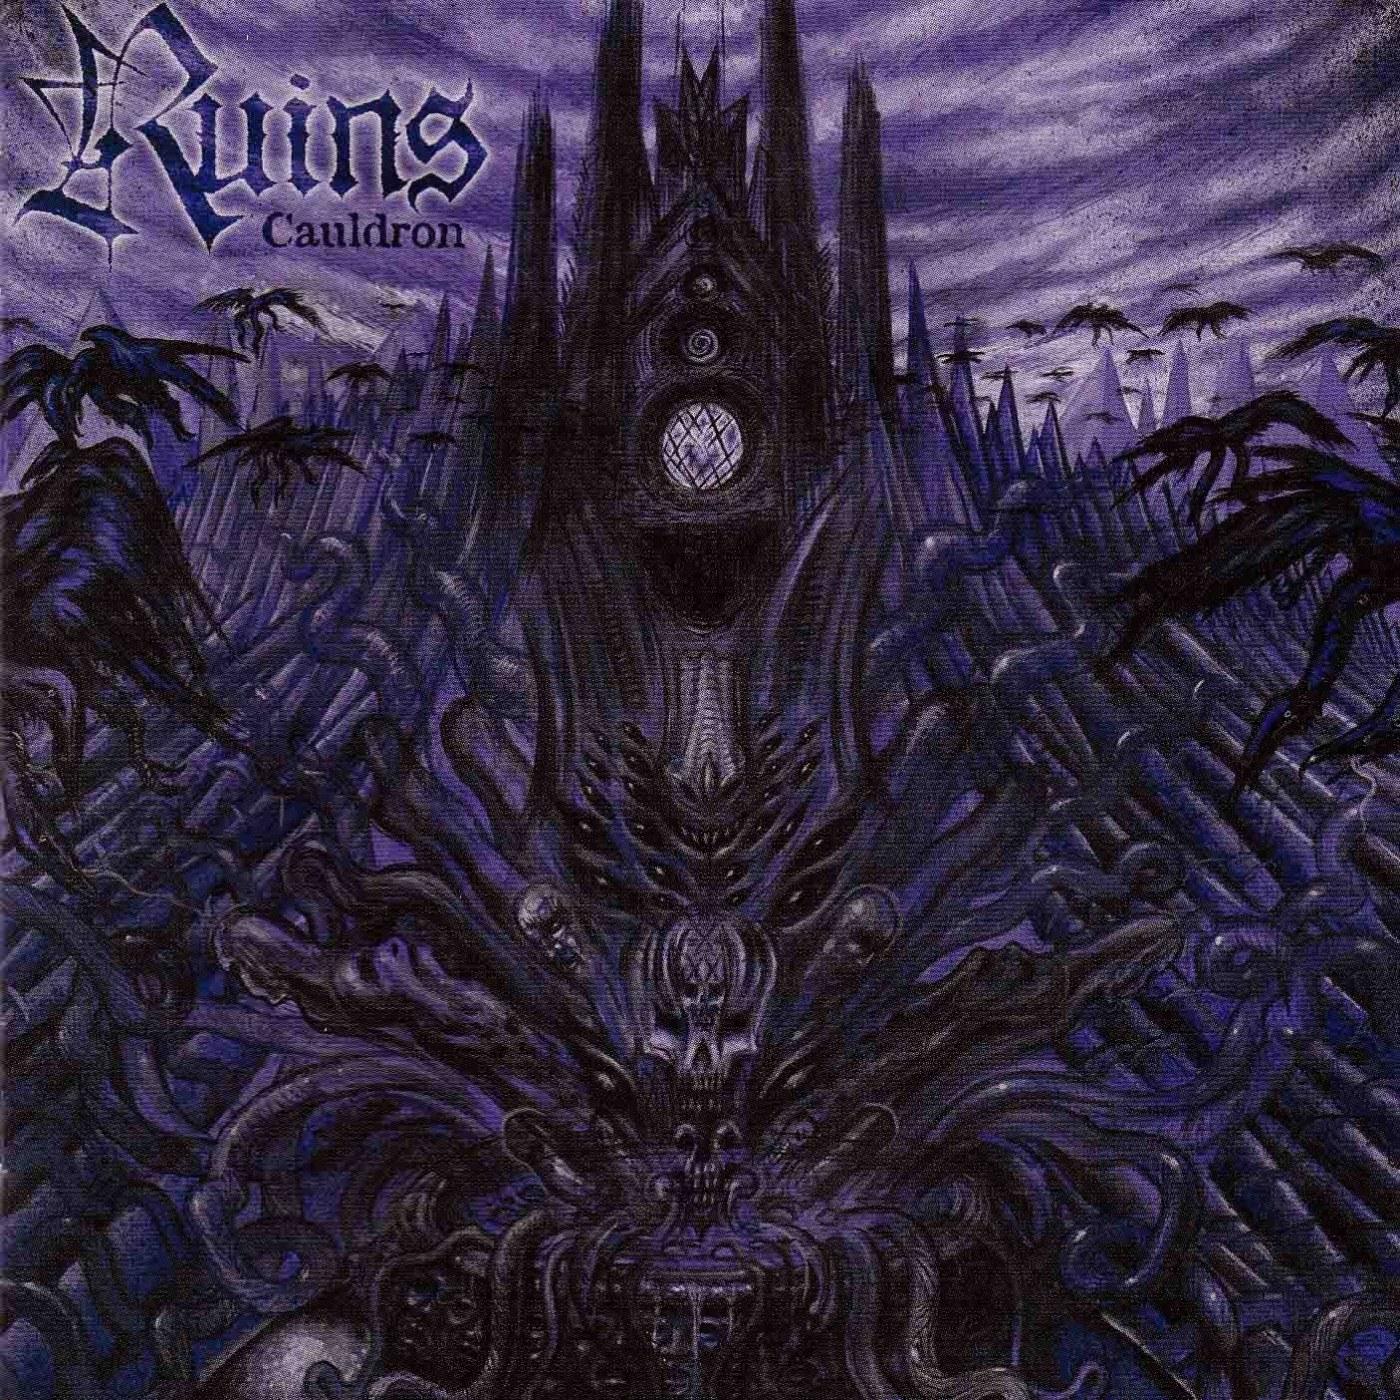 Ruins (AUS) - Cauldron